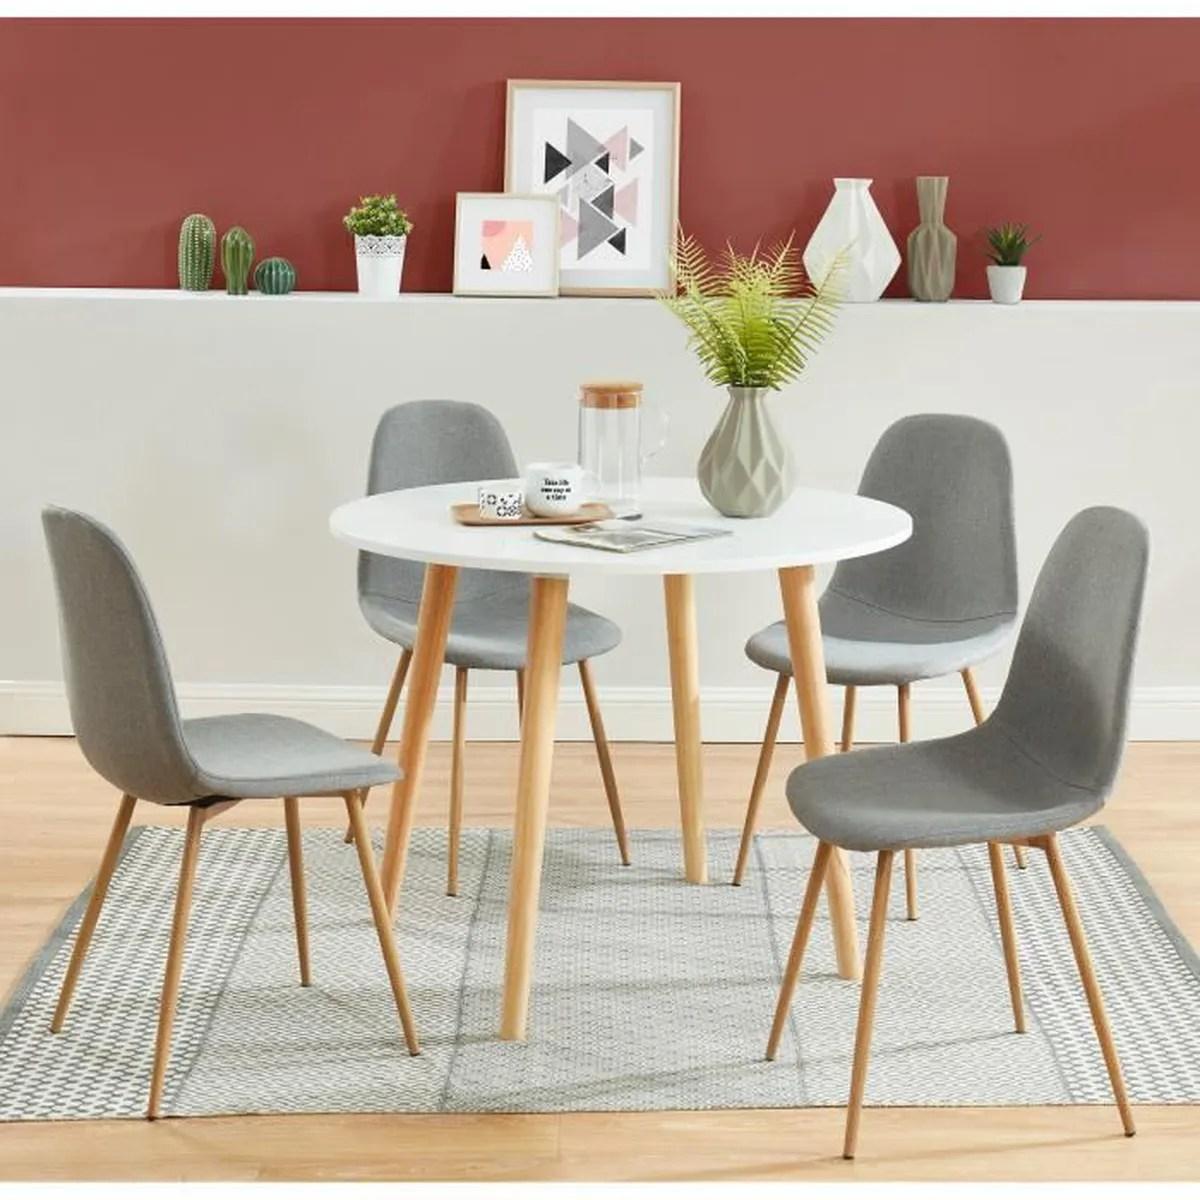 Table Et Chaises Scandinaves Pas Cher Photo De Chaise